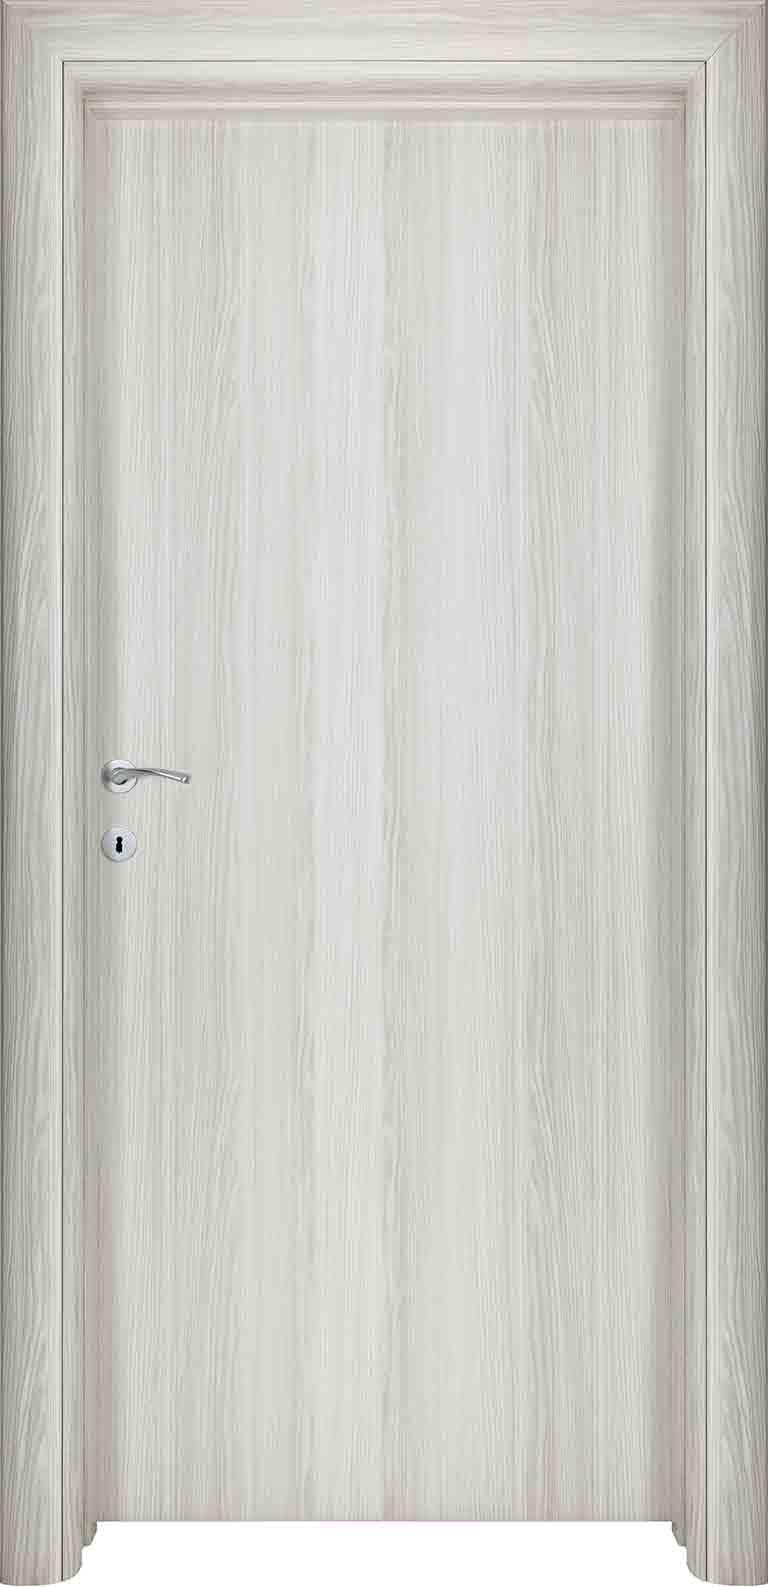 protuprovalna vrata forlux P1 izbjeljeni hrast